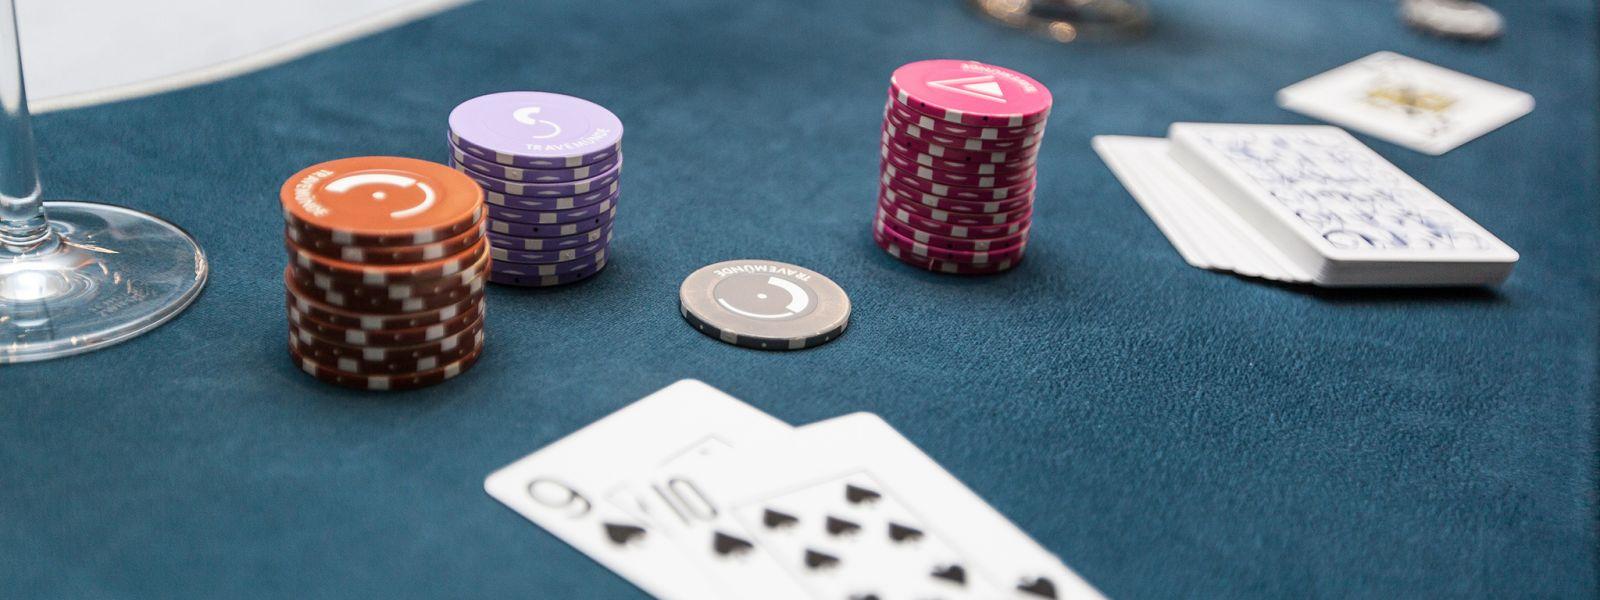 online poker schleswig holstein